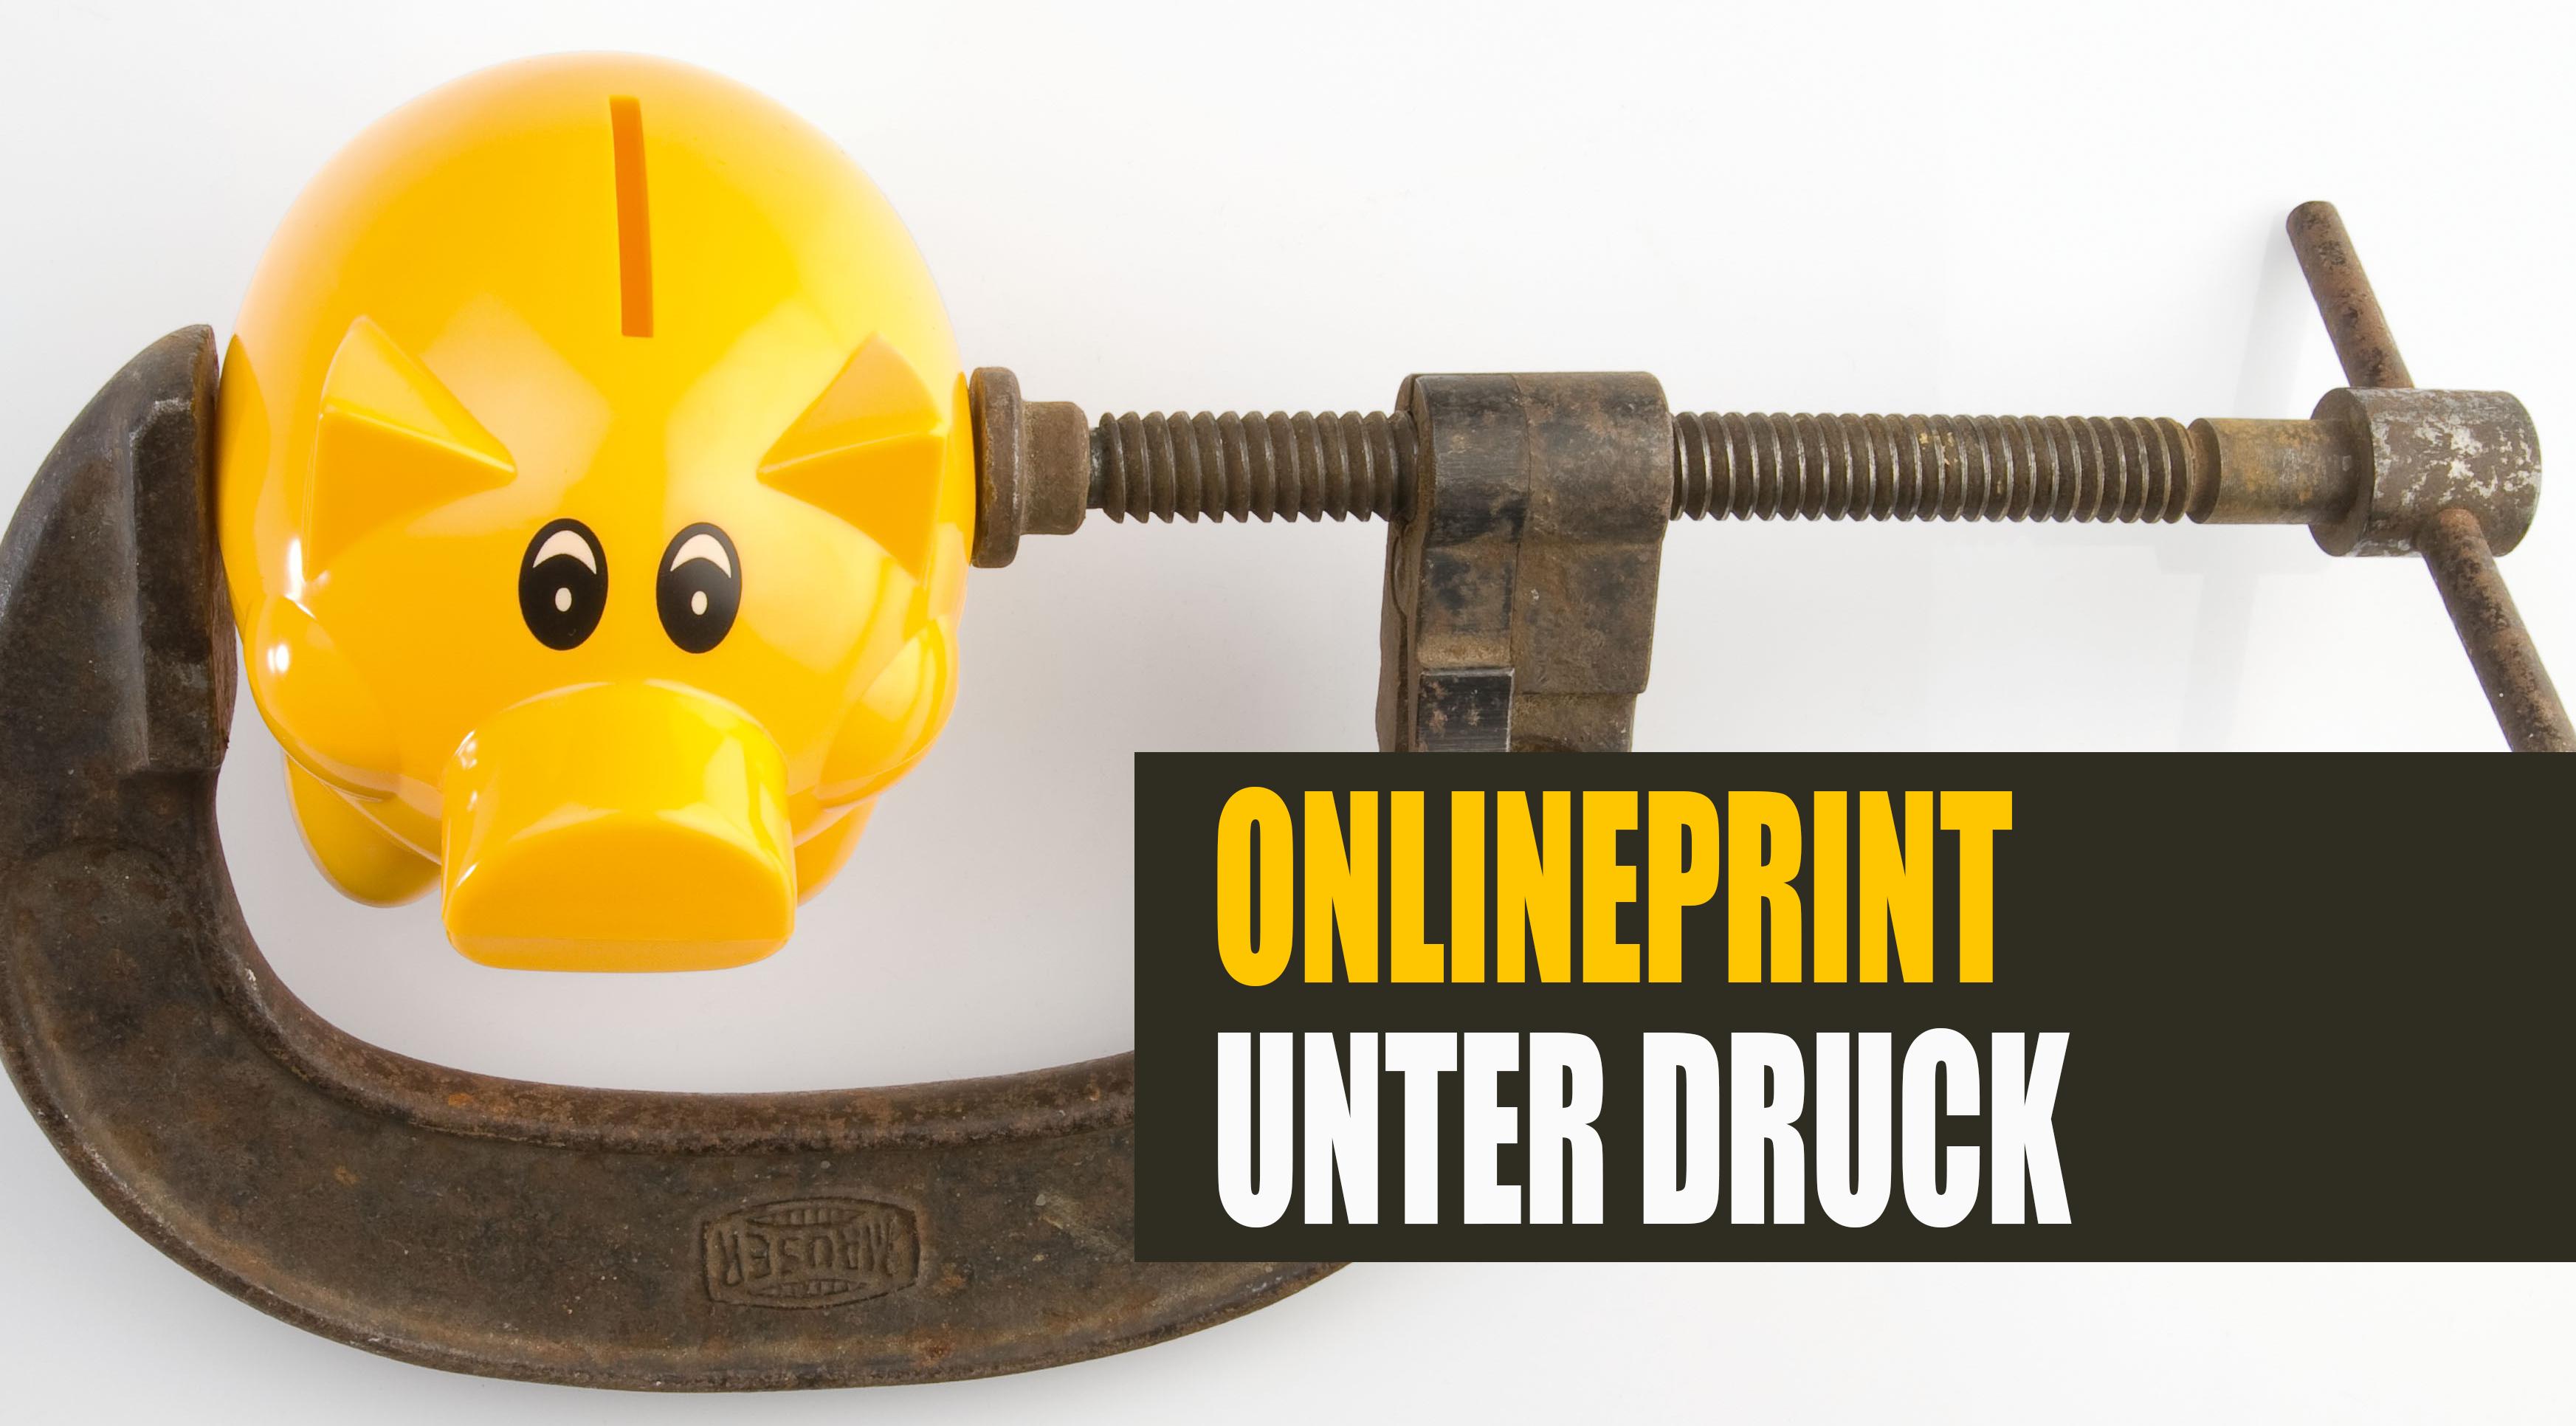 Onlineprint: Abhängigkeiten bei Lieferketten und Plattformen – wie lange geht das noch gut?